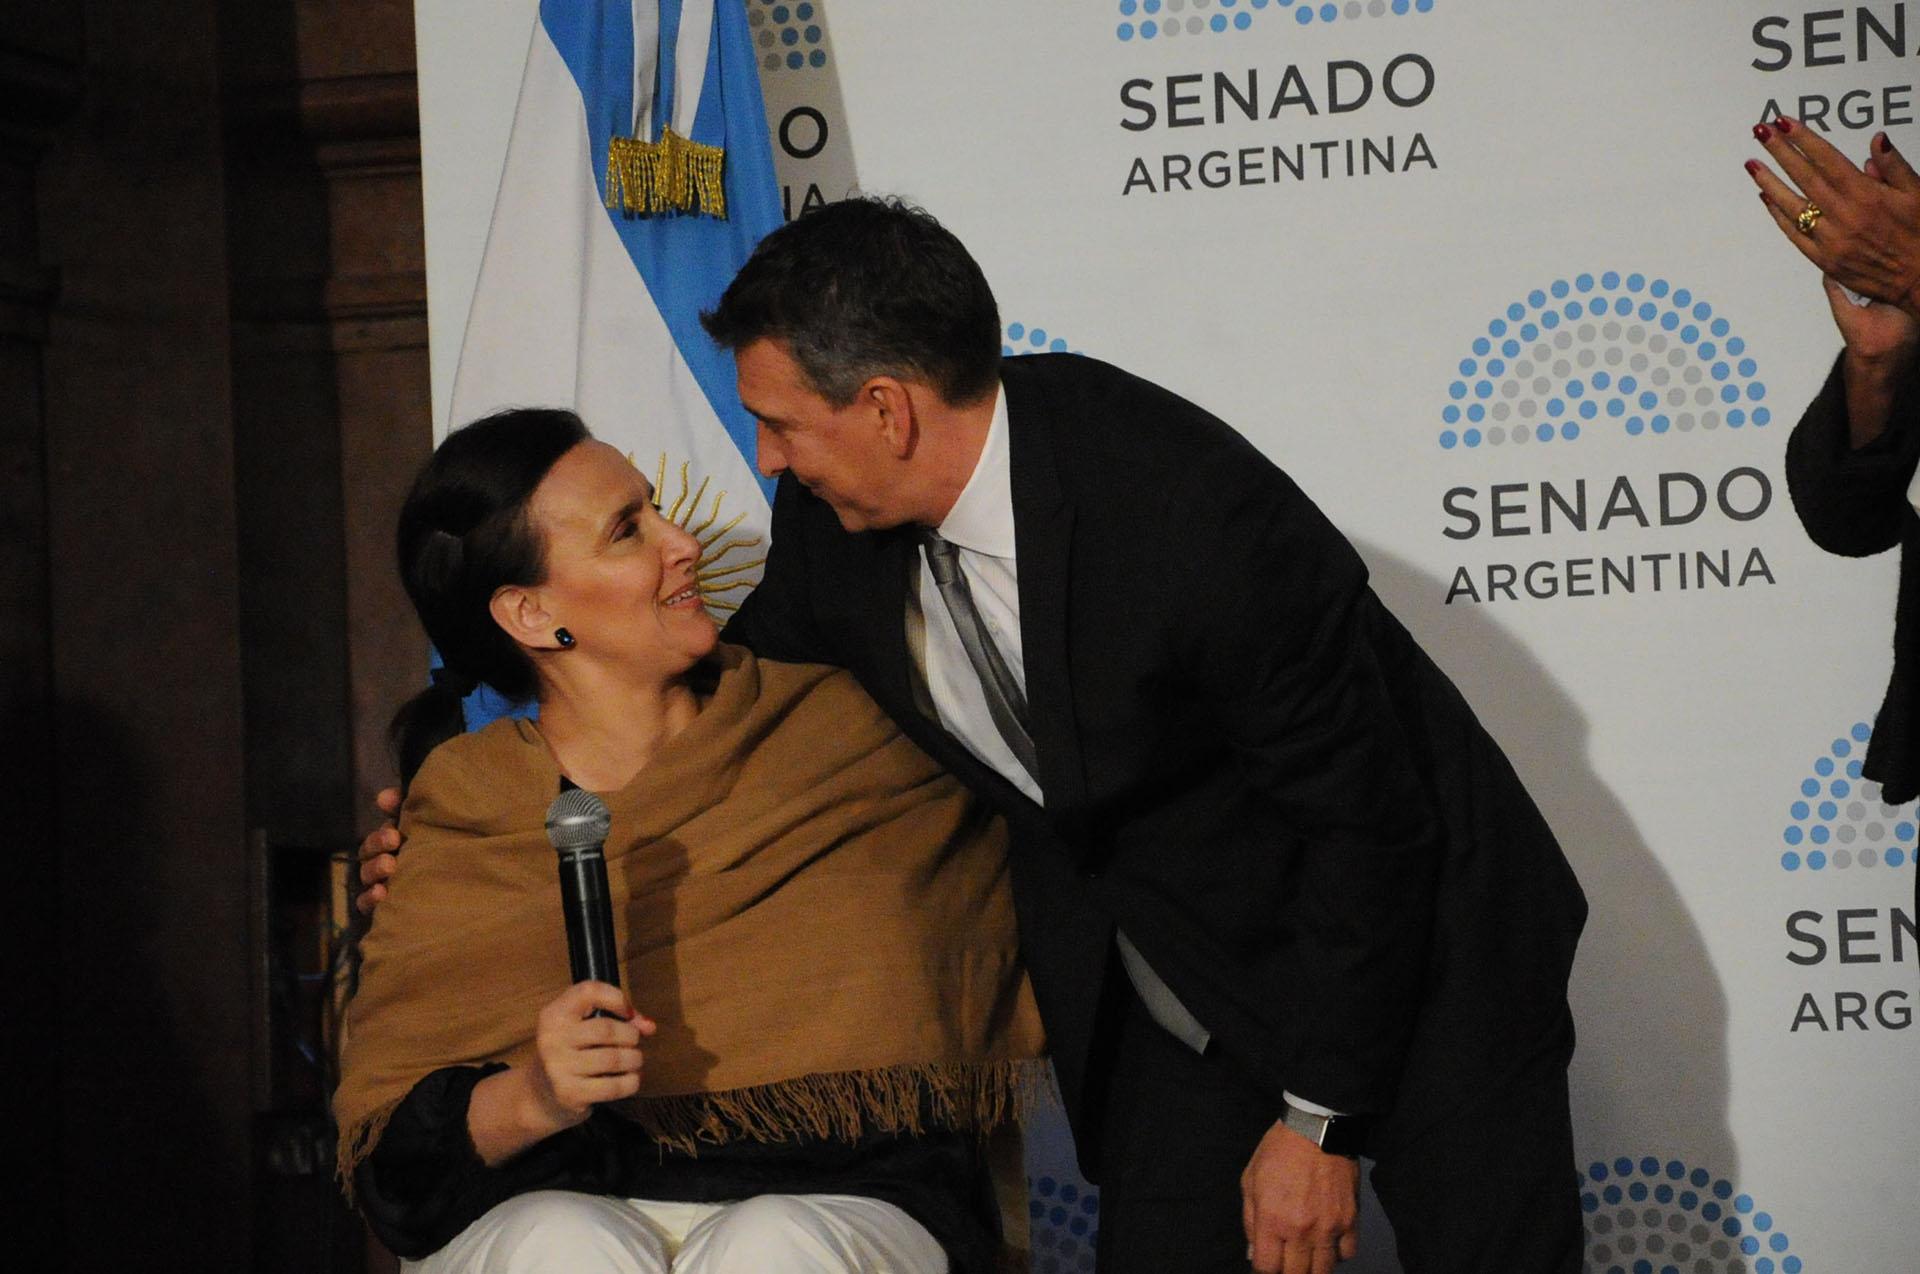 La vicepresidenta Gabriela Michetti, quien participó de la ceremonia